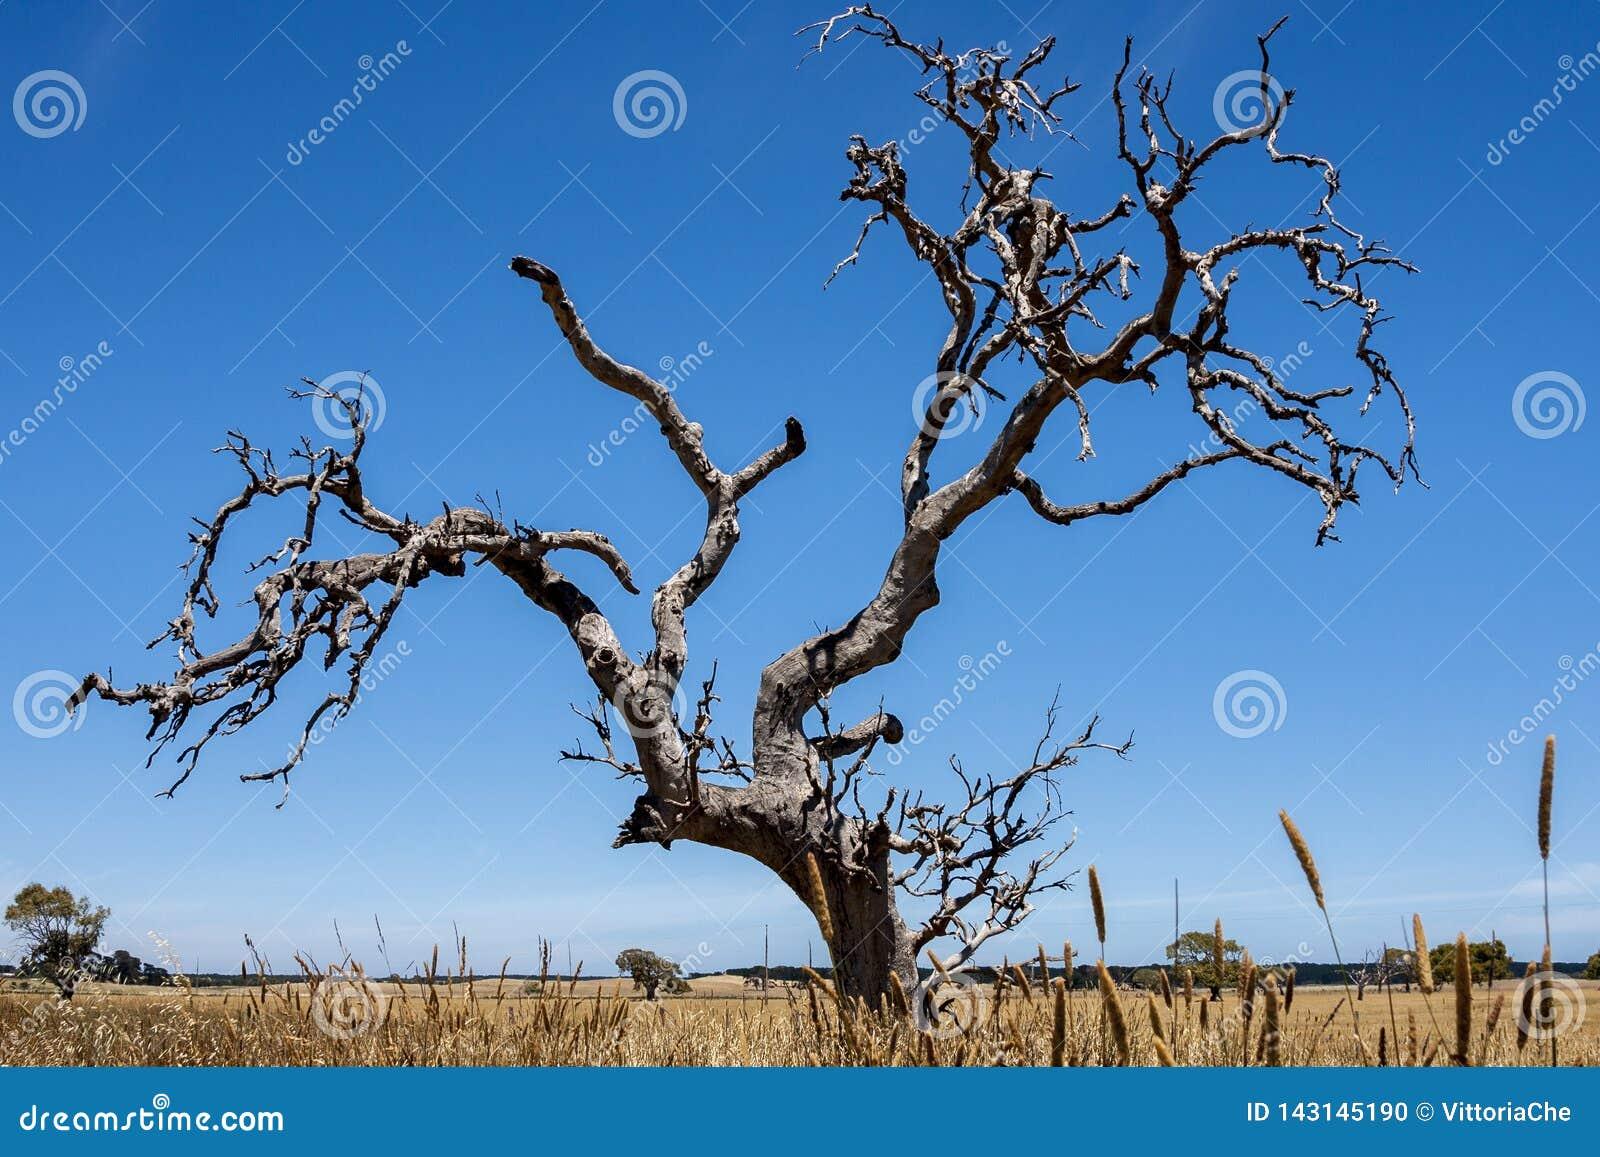 Einsamer bloßer Baum in Australien-Wüste, Nordterritorium, fisheye Linse